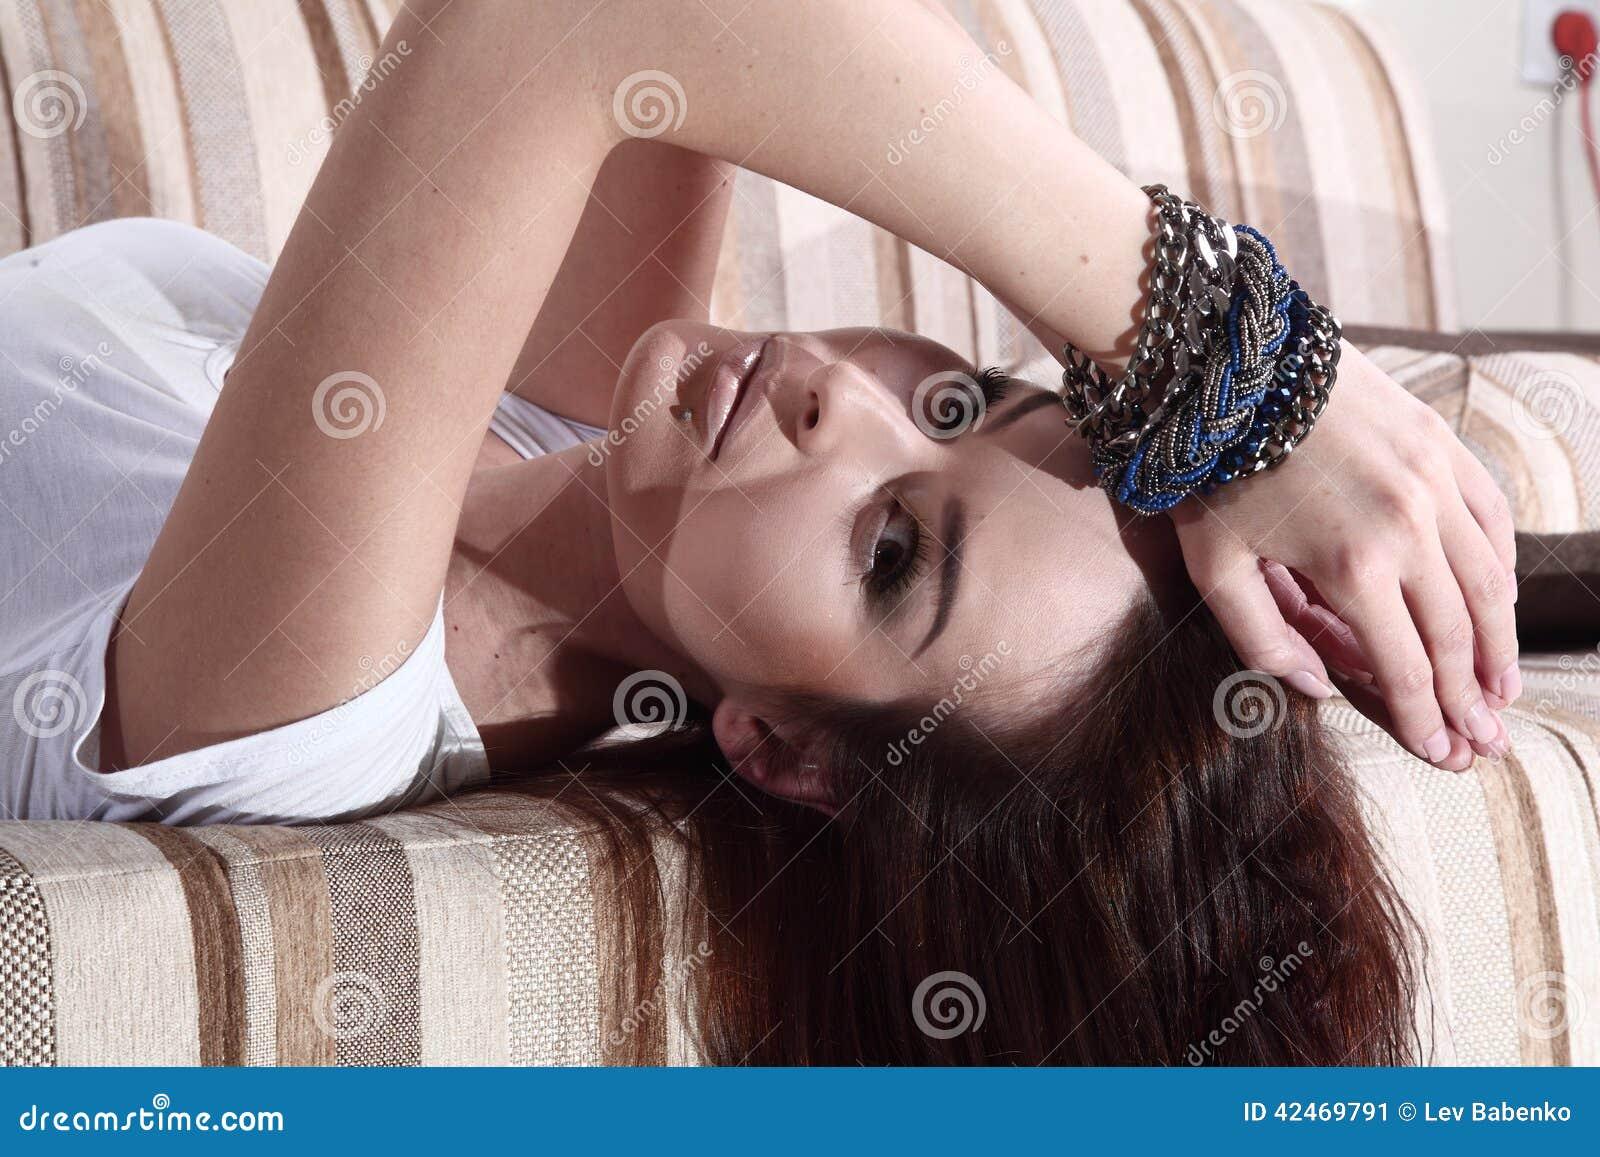 Modefrau liegt, schönes braunes Haar unten im weißen Hemd